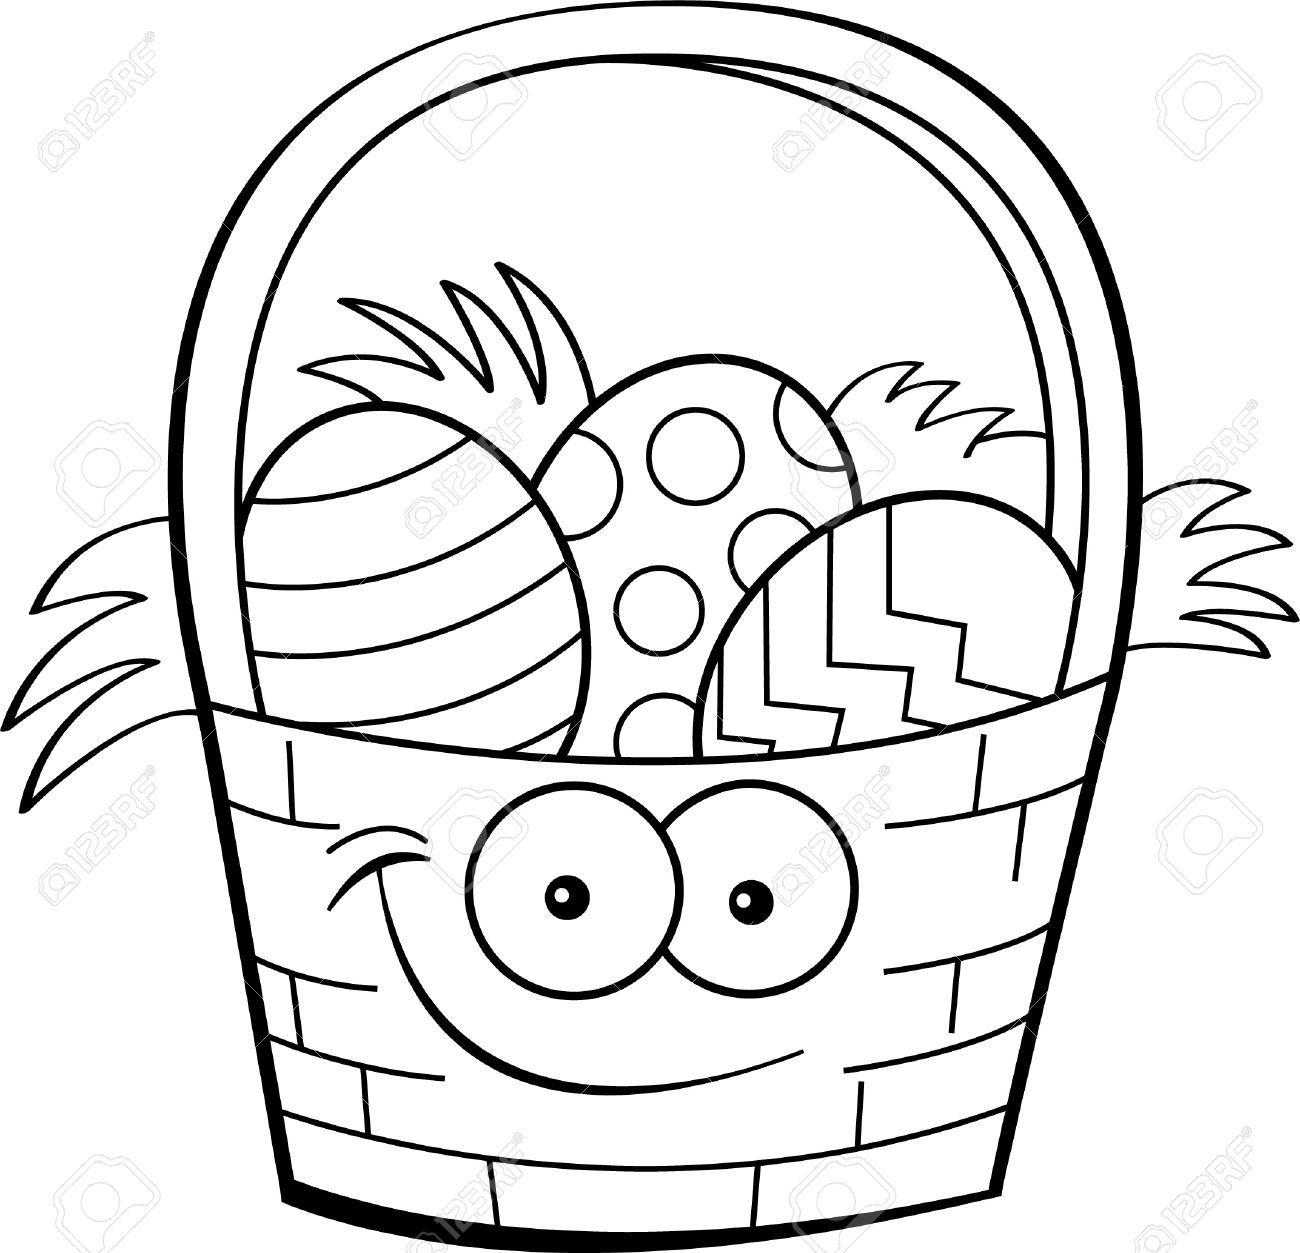 Ilustración blanco Y negro de una canasta de pascua llena de huevos ...